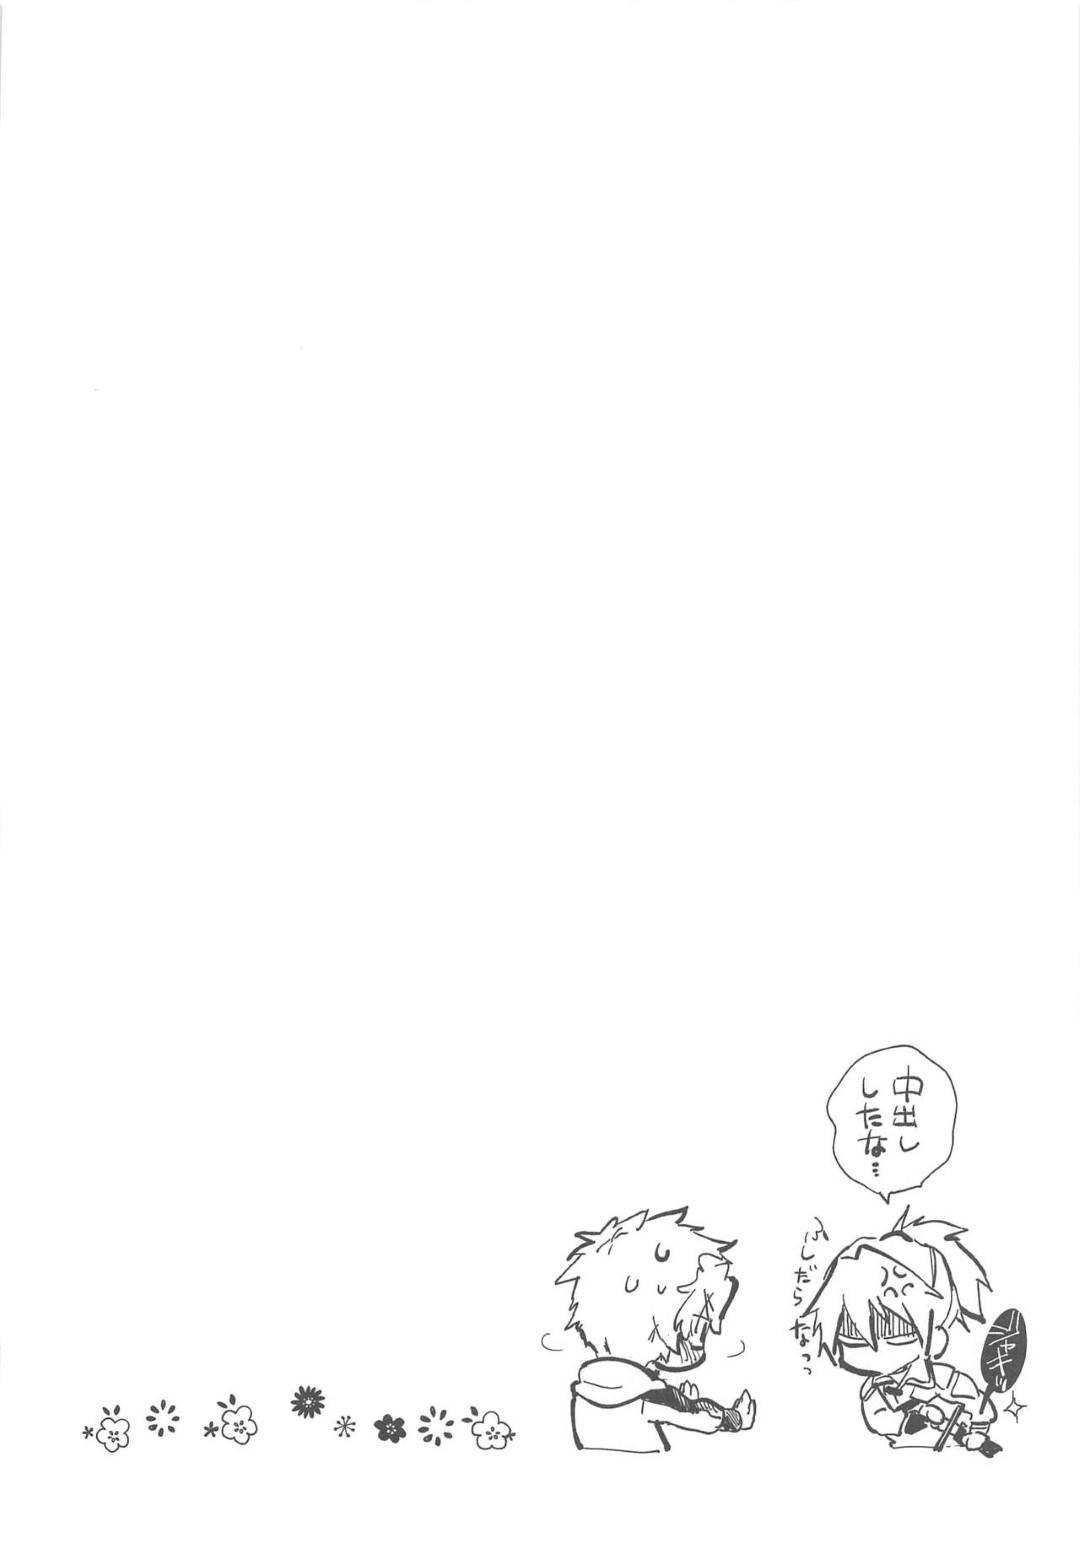 【エロ同人誌】生駒と温泉旅行に来た無名…混浴中にフェラでヌイてあげたあと部屋でイチャラブ生ハメ中出しセックスしてイキまくる【甲鉄城のカバネリ/SPARK14】